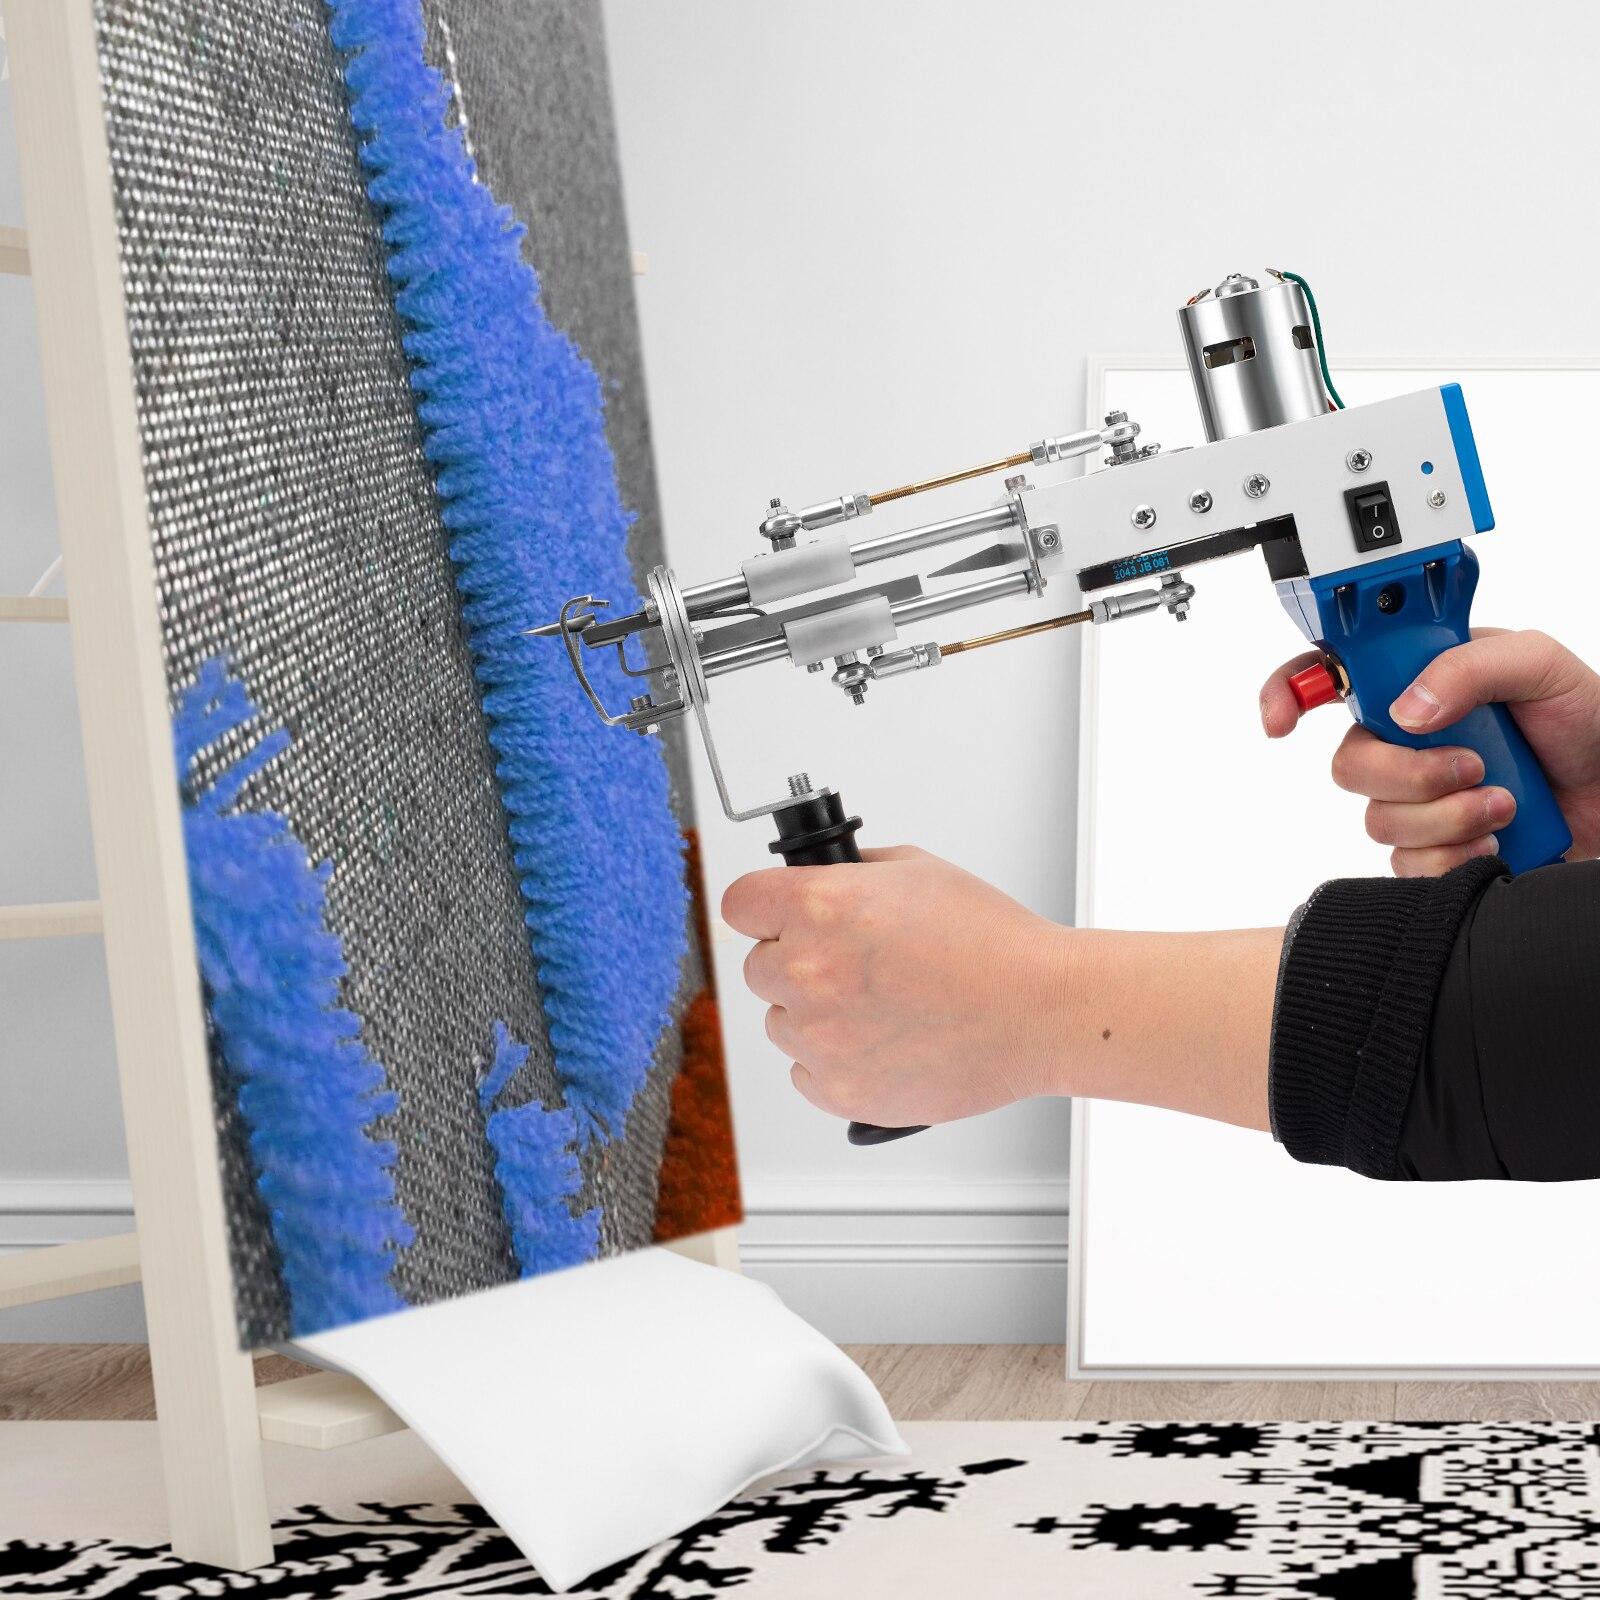 Electric Carpet Tufting Gun Hand Gun Carpet Weaving Flocking Machines Weaving Flocking Machines Loop Pile Cut Pile TD-01 TD-02 enlarge